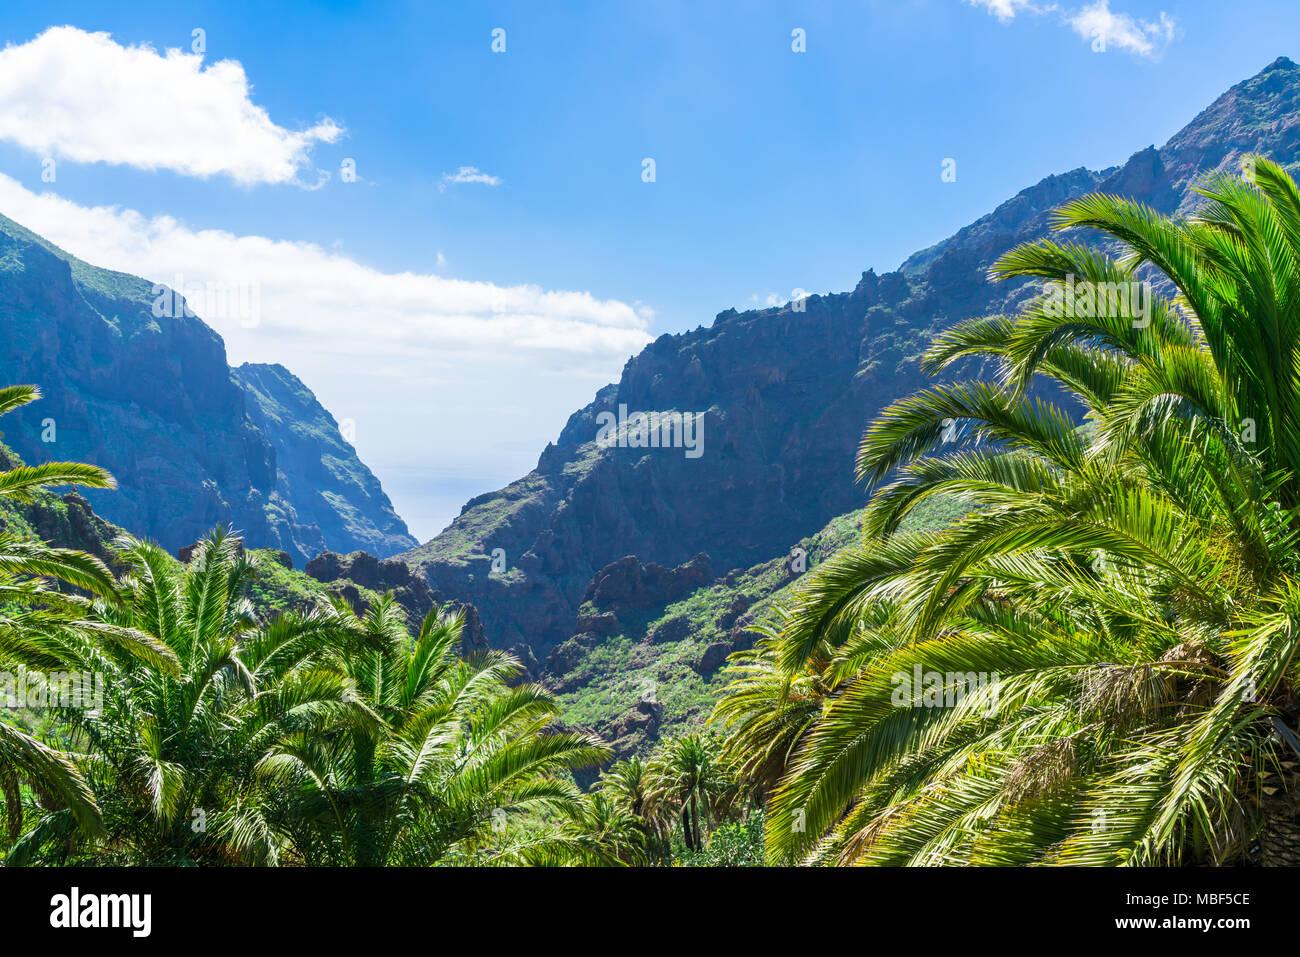 Den Berg Macizo de Teno Gebirge in Teneriffa, Kanarische Inseln Stockbild